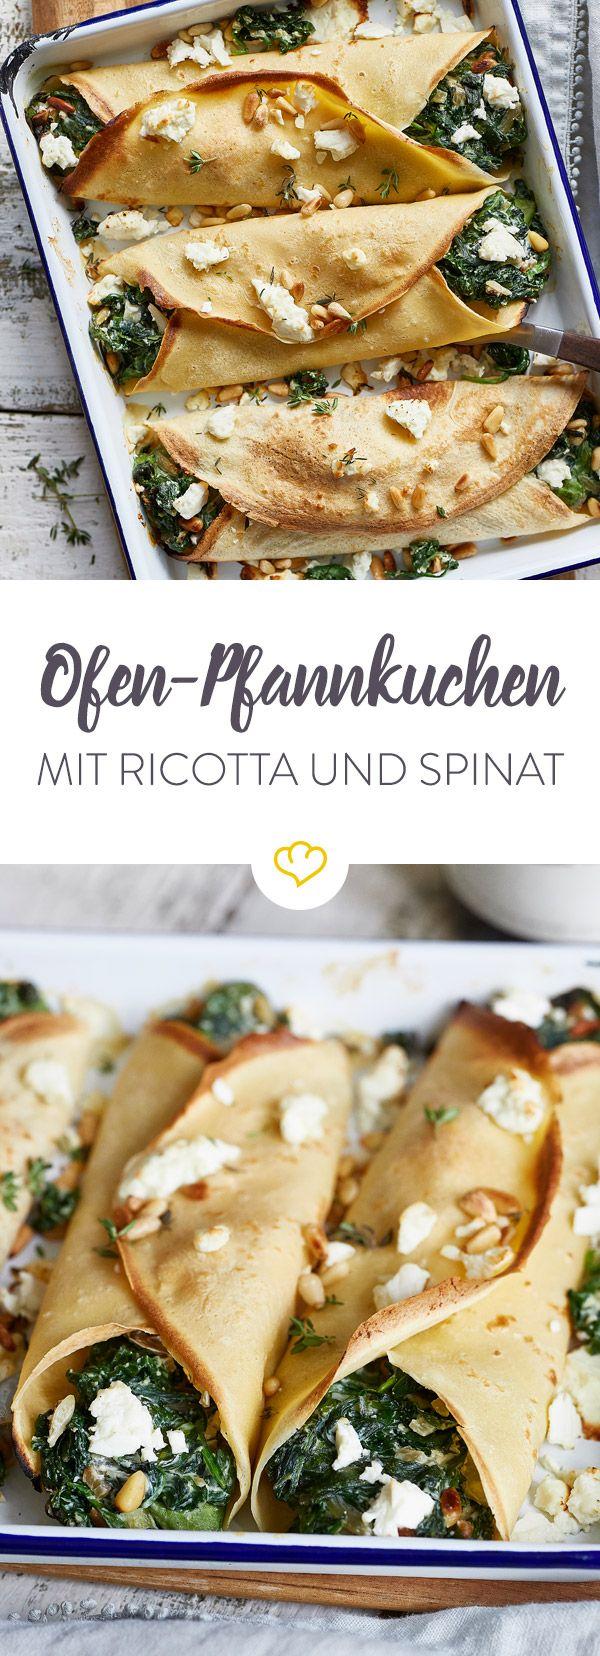 Zu grün, zu gesund und kein bisschen wie Spaghetti mit Tomatensauce. Verhilf Spinat zu einem neuen Image und kombinier ihn mit Ricotta und Ofen-Pfannkuchen.